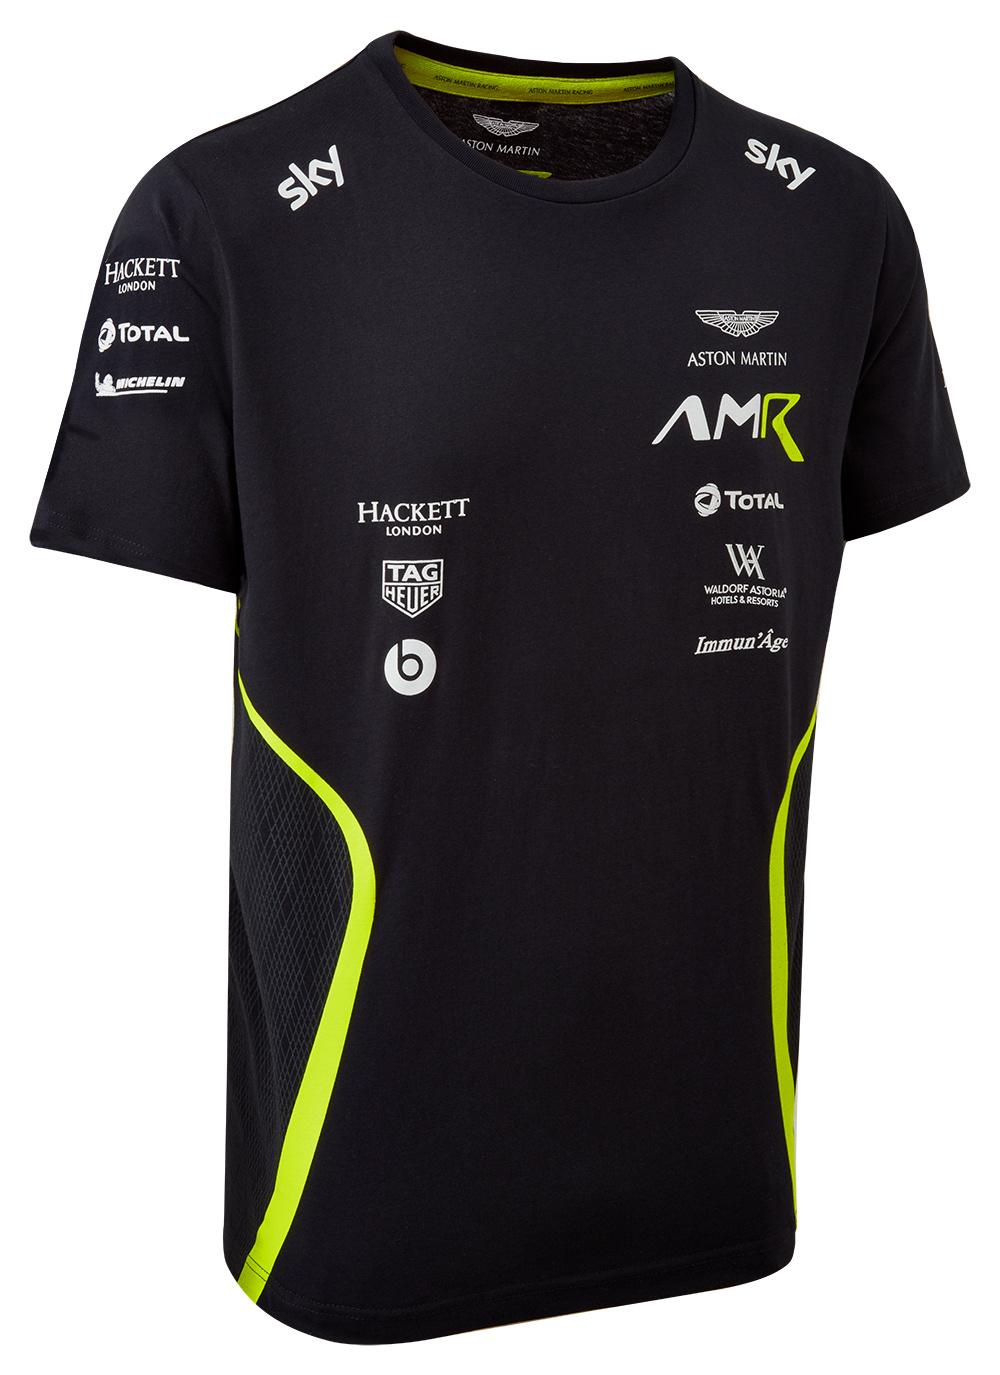 Aston Martin Team T-shirt für Männer